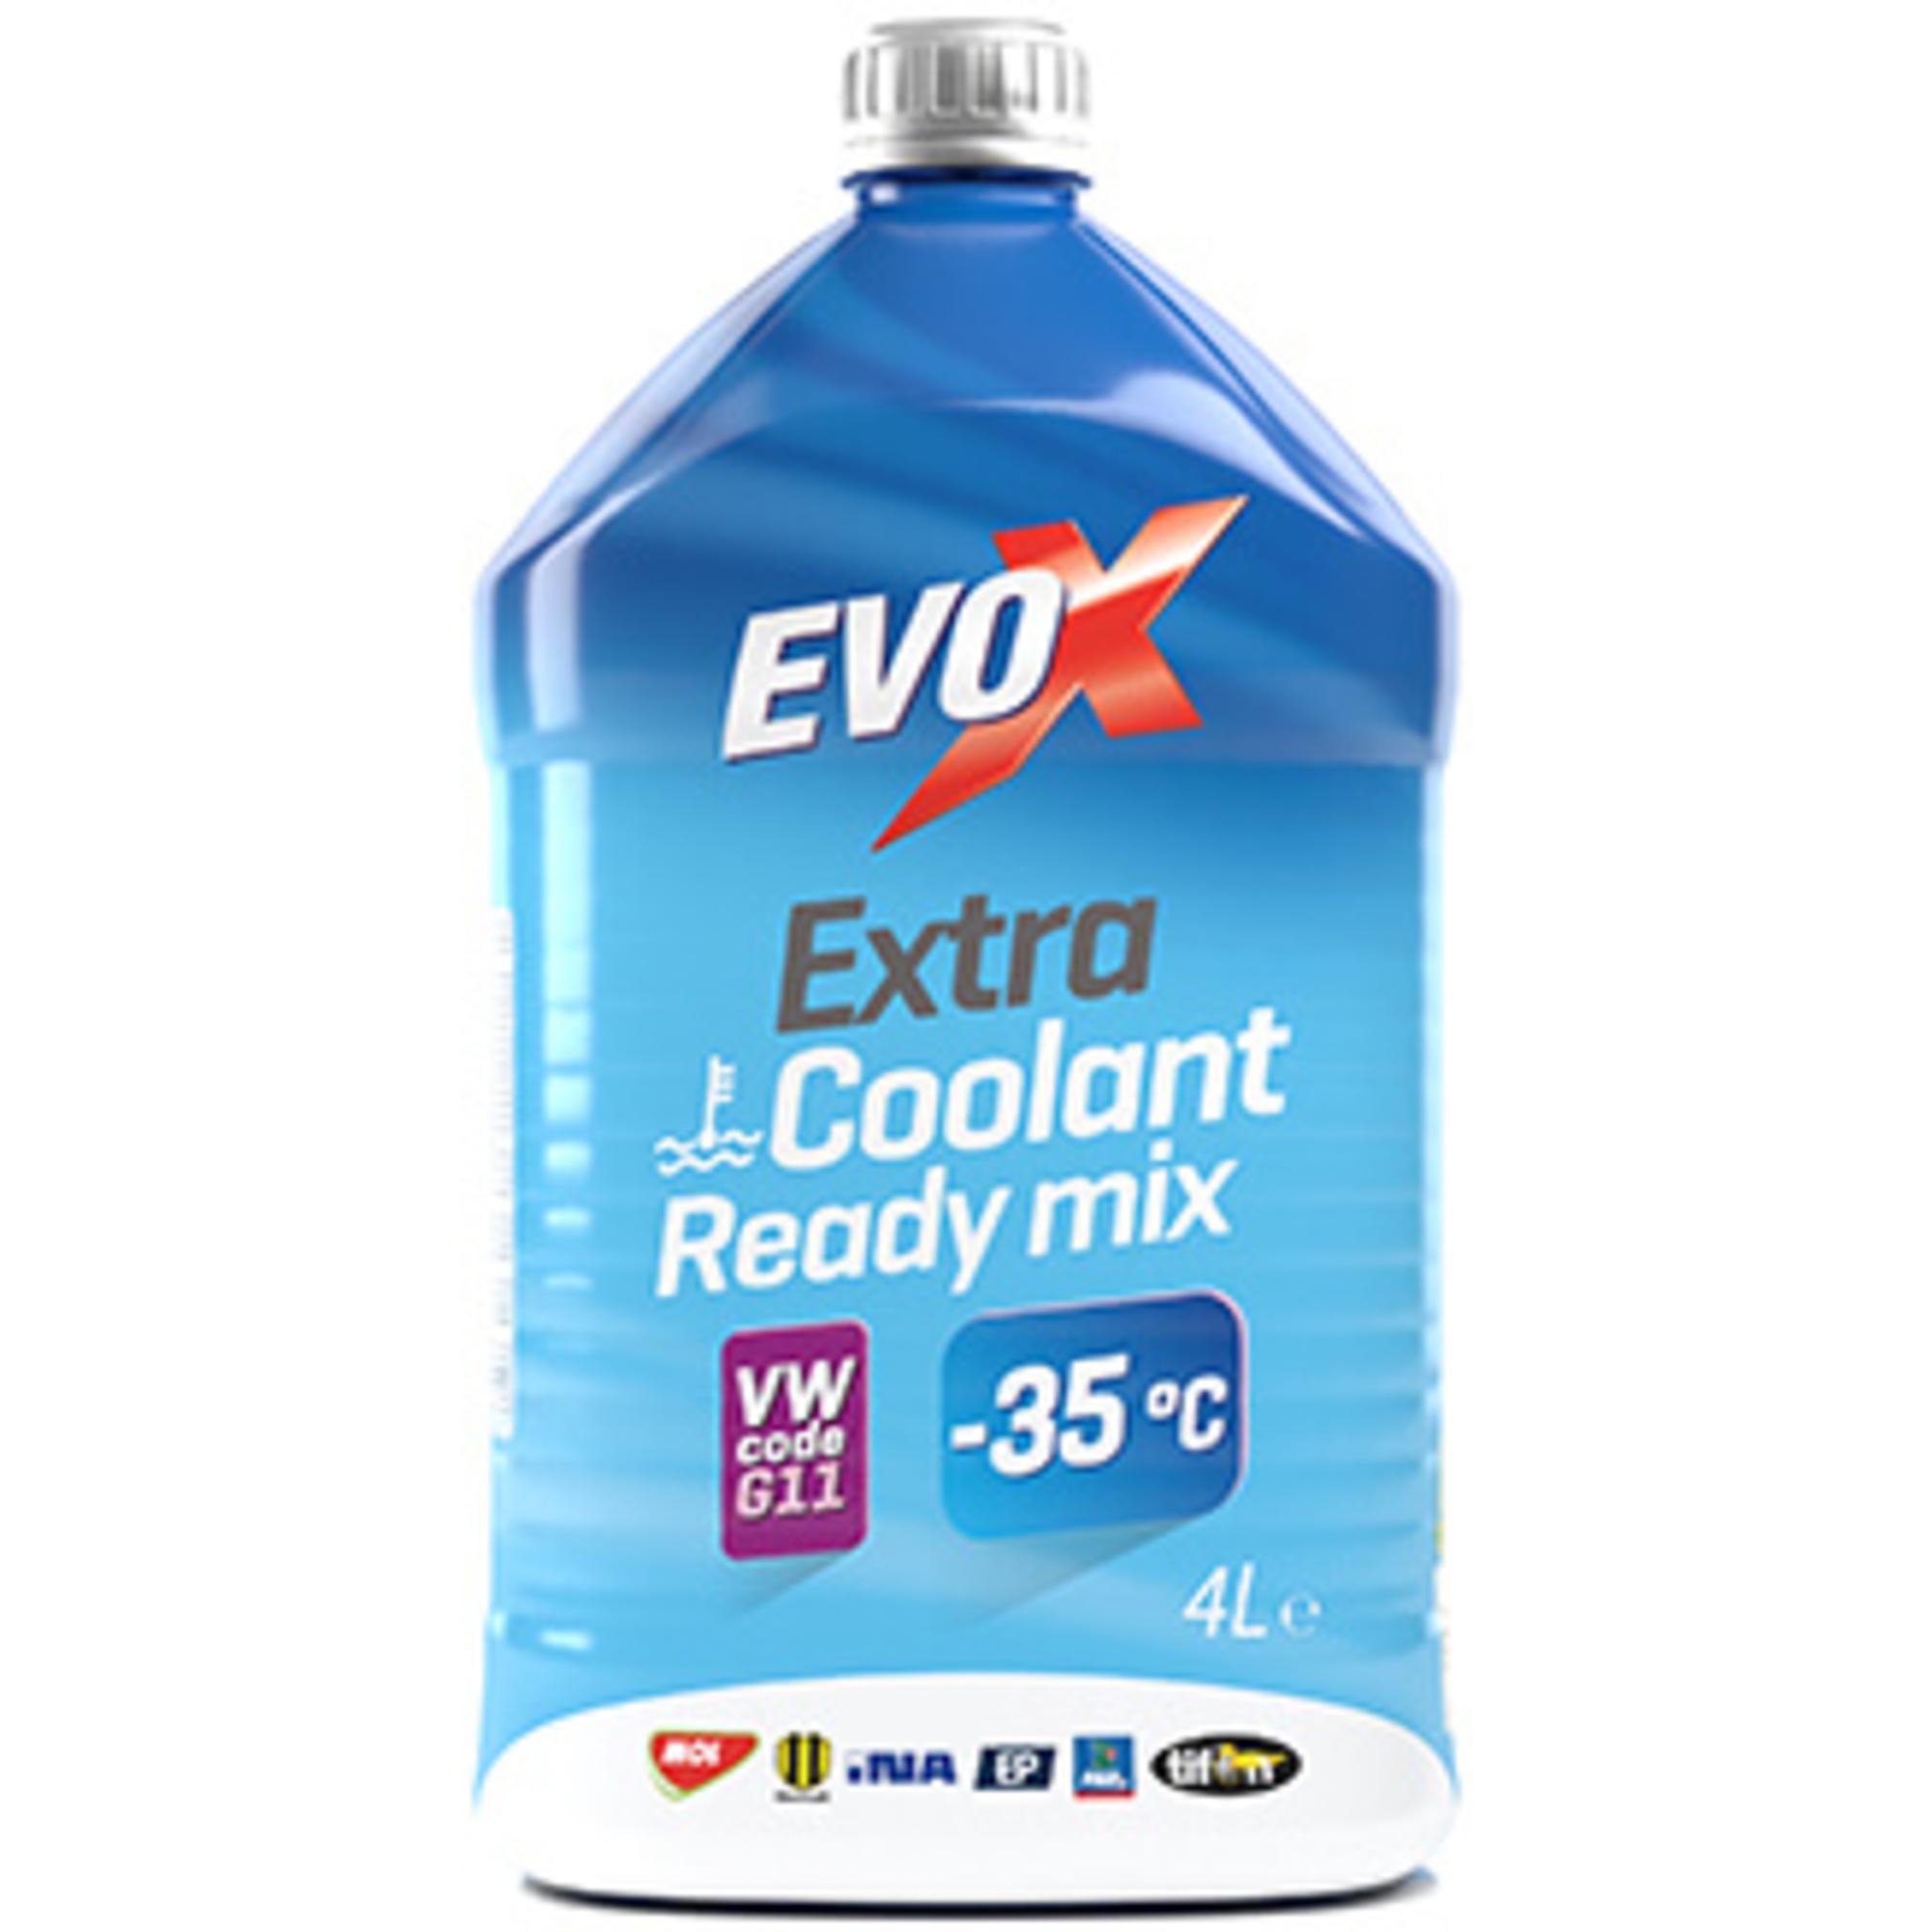 EVOX Extra Ready -35 4L 19002770